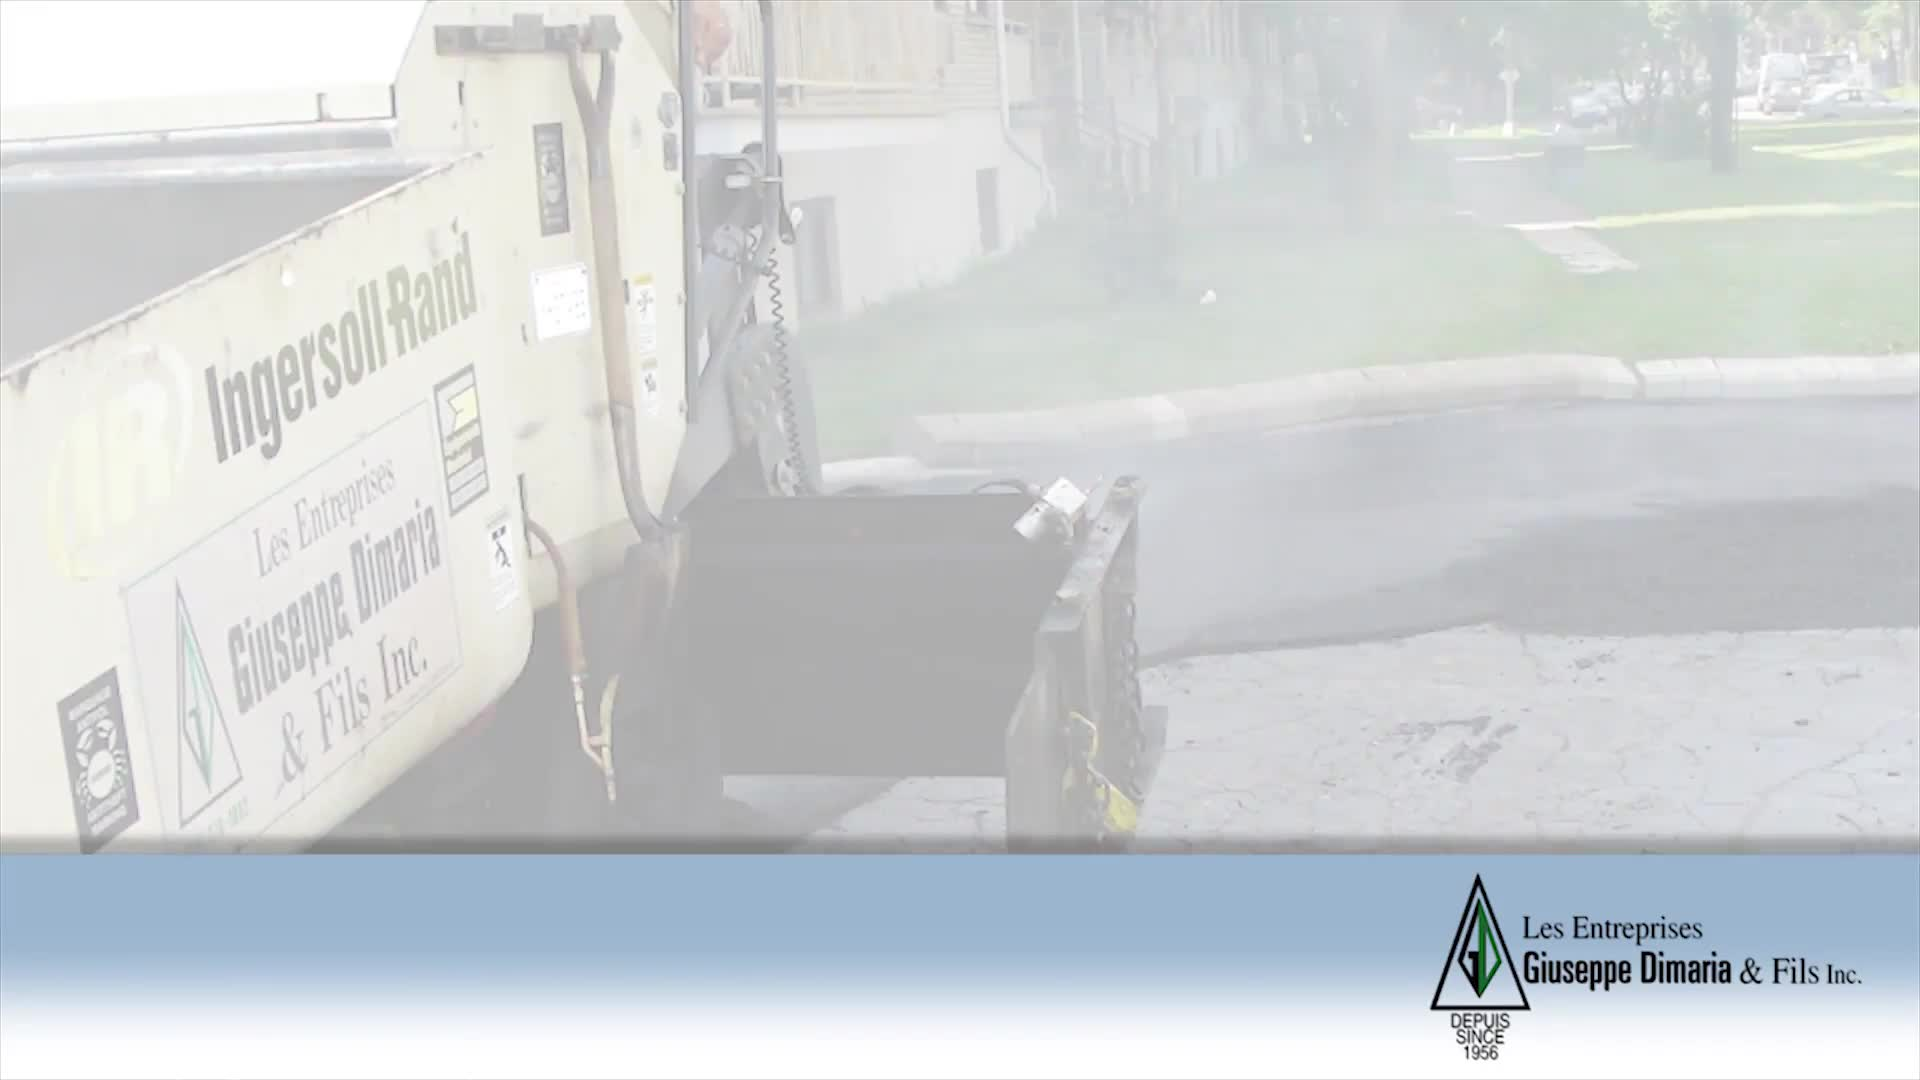 Entreprises Giuseppe Dimaria & Fils Inc (Les) - Produits d'asphalte - 514-276-1892